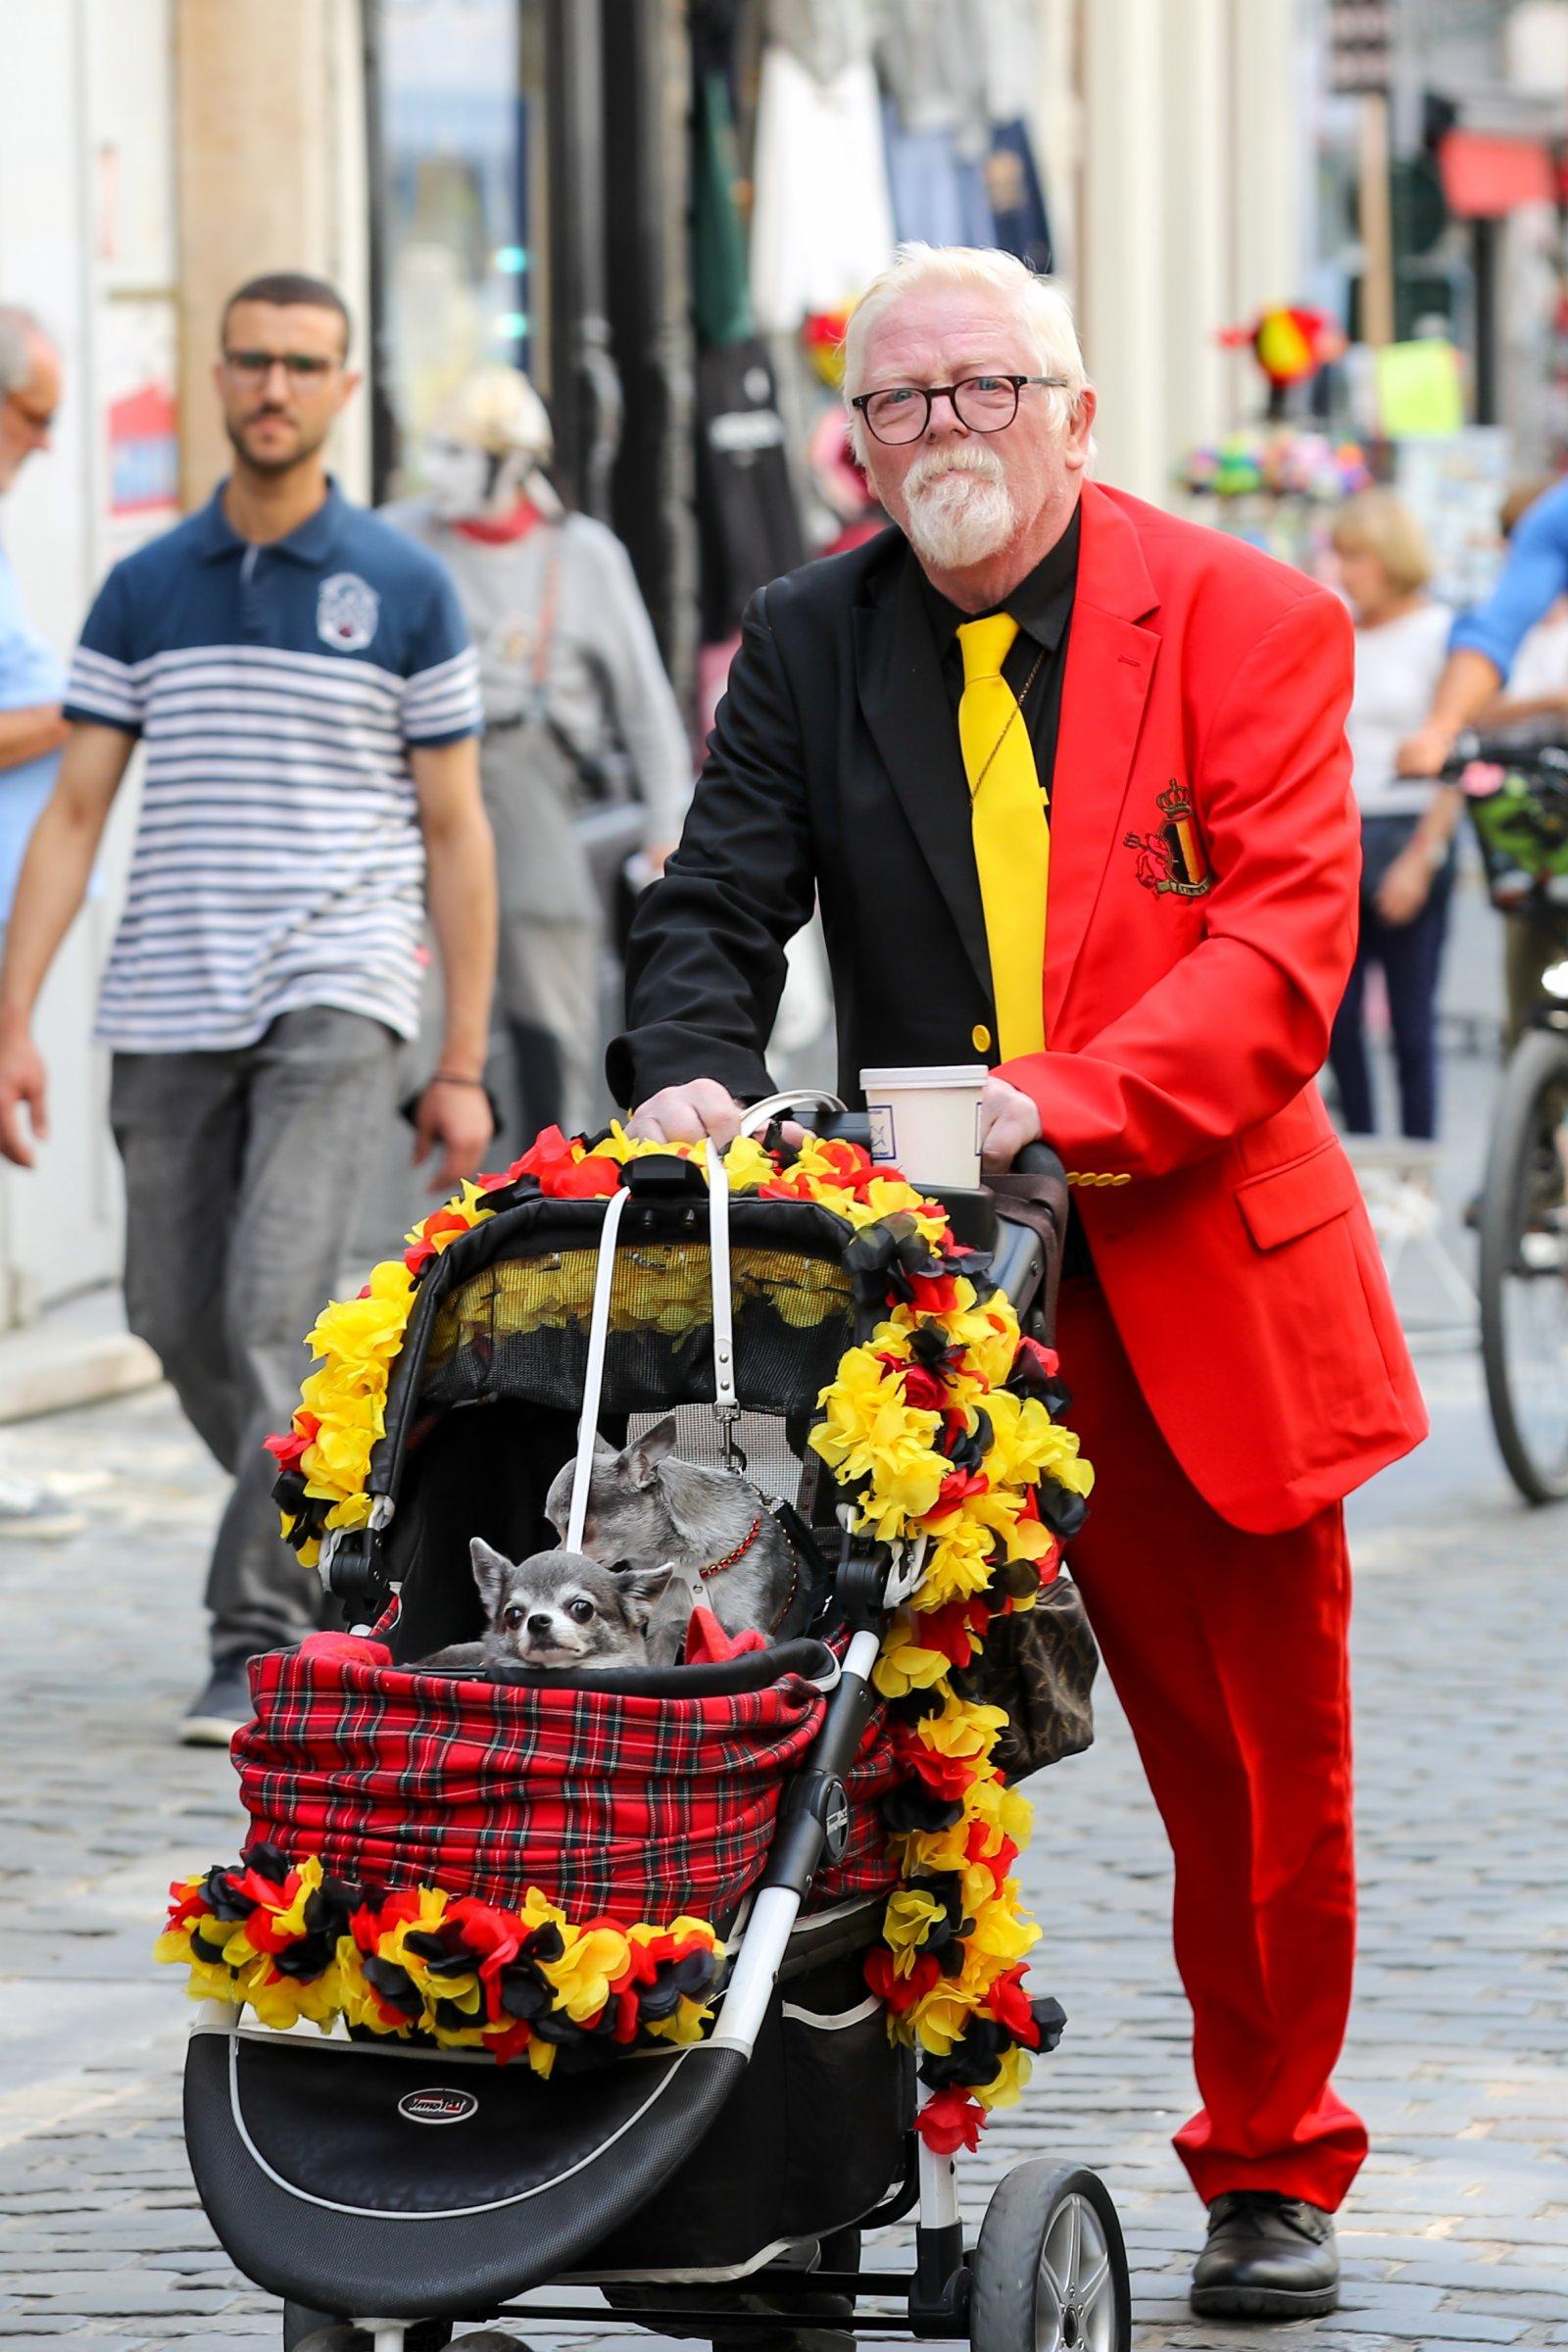 7月21日,一名男子身着比利時國旗顏色的服裝在比利時布魯塞爾慶祝國慶日。(新華社)